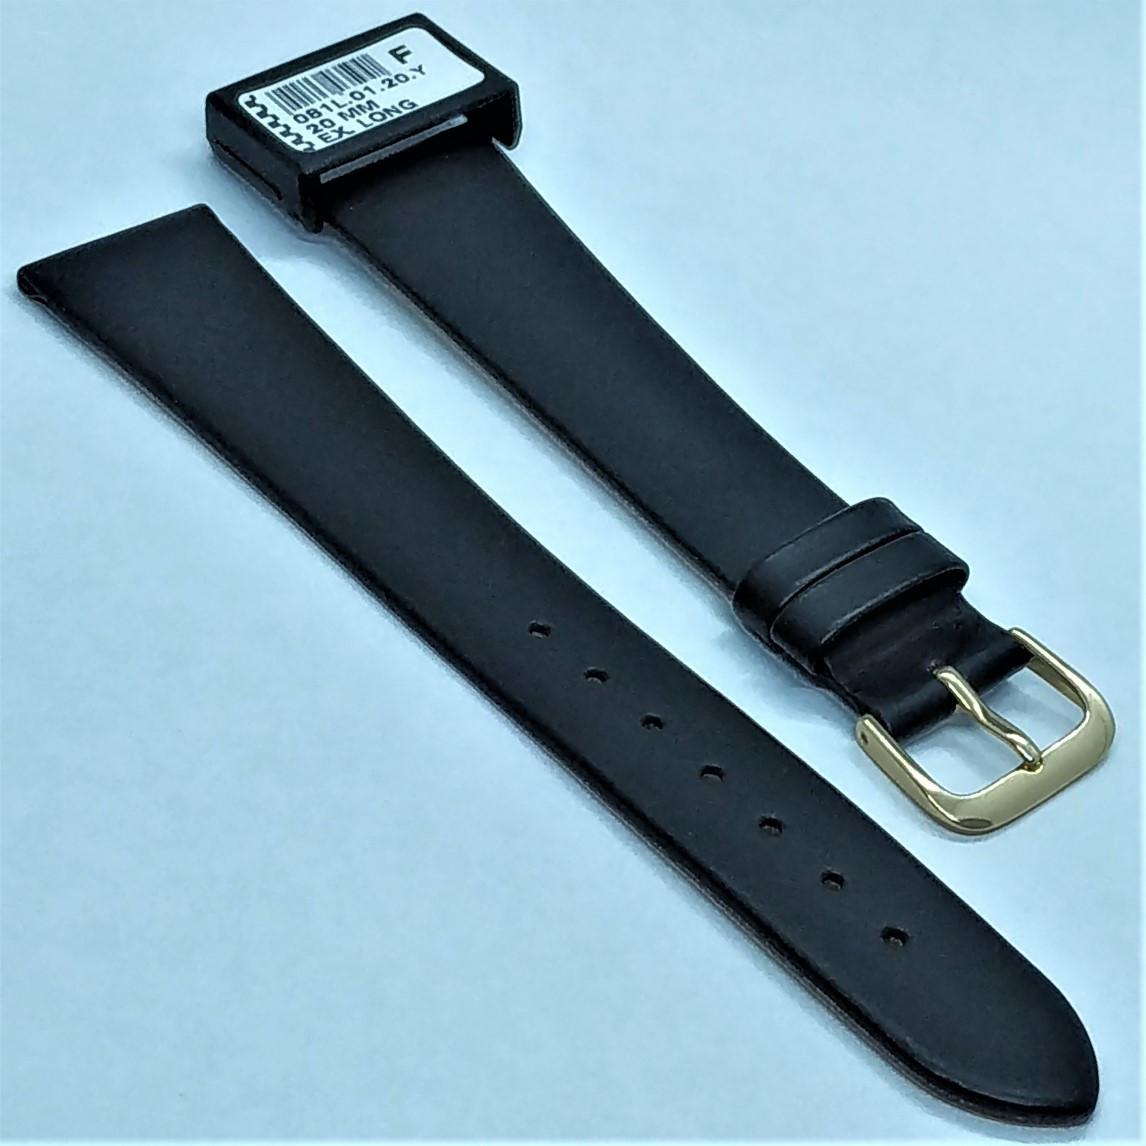 20 мм Кожаный Ремешок для часов CONDOR 081L.20.01 Черный Ремешок на часы из Натуральной кожи удлиненный